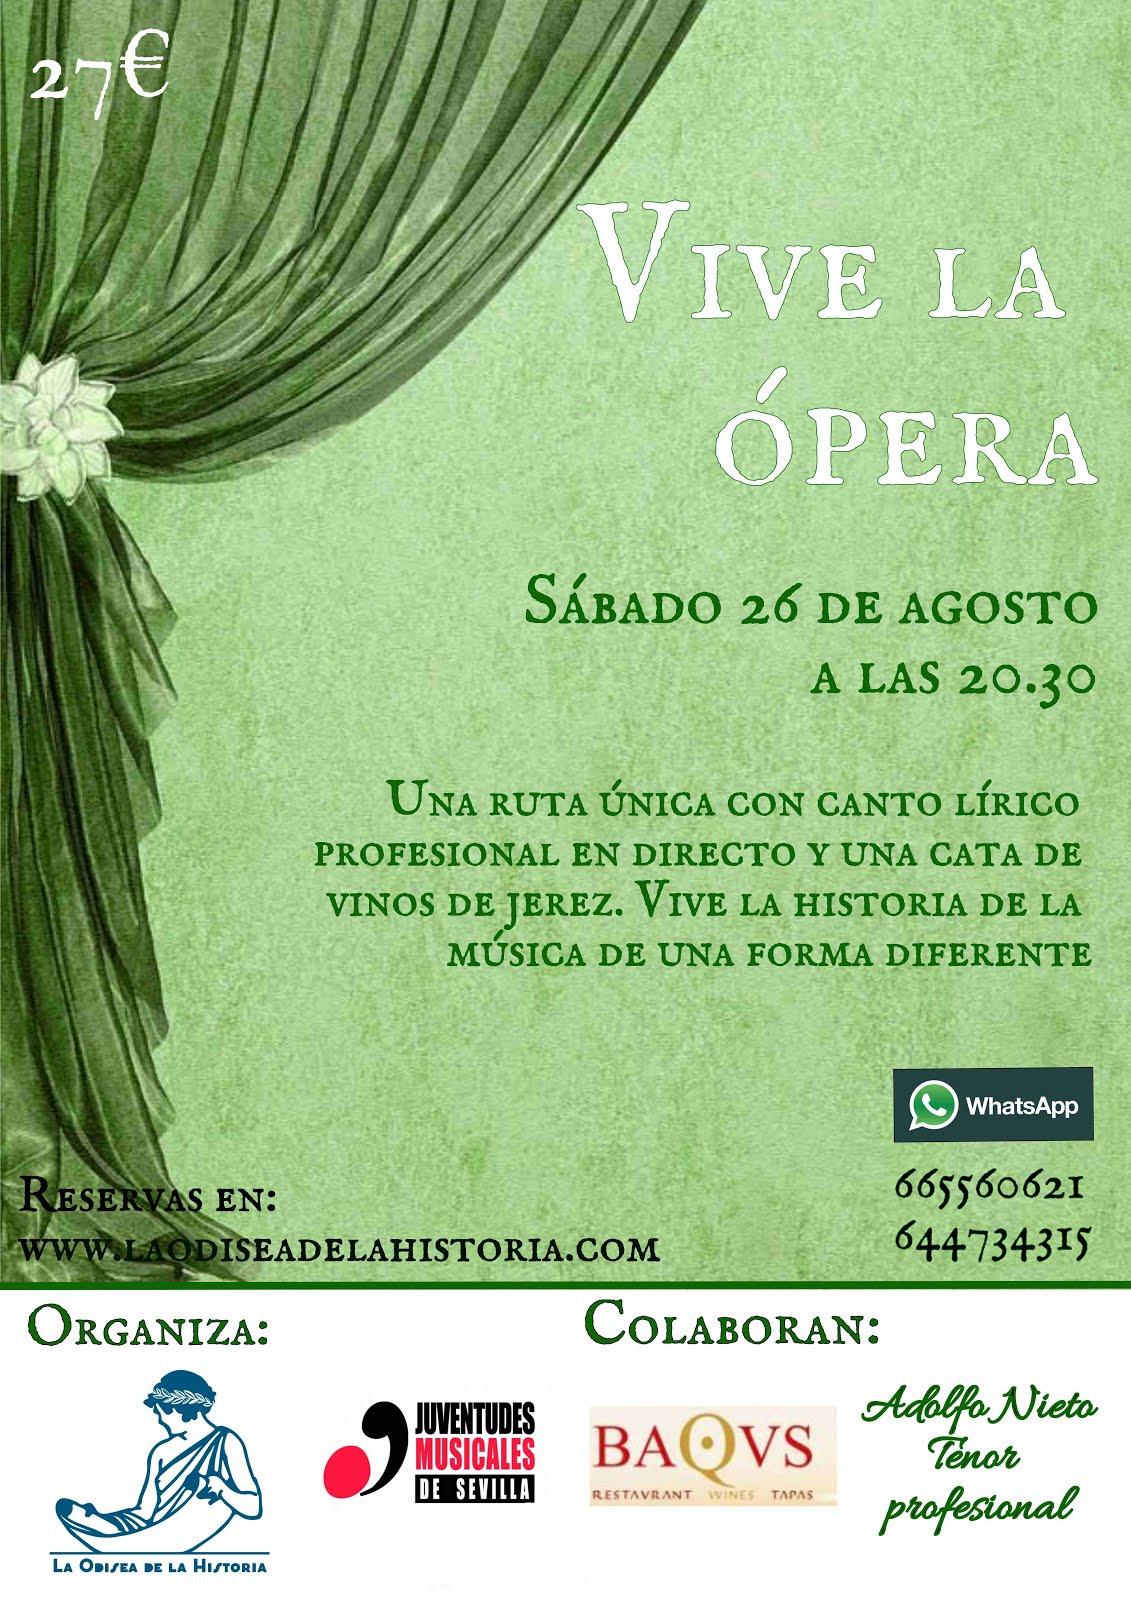 VIVE LA ÓPERA - *DESCUENTO DE 5 € PARA LOS SOCIOS DE JUVENTUDES MUSICALES.